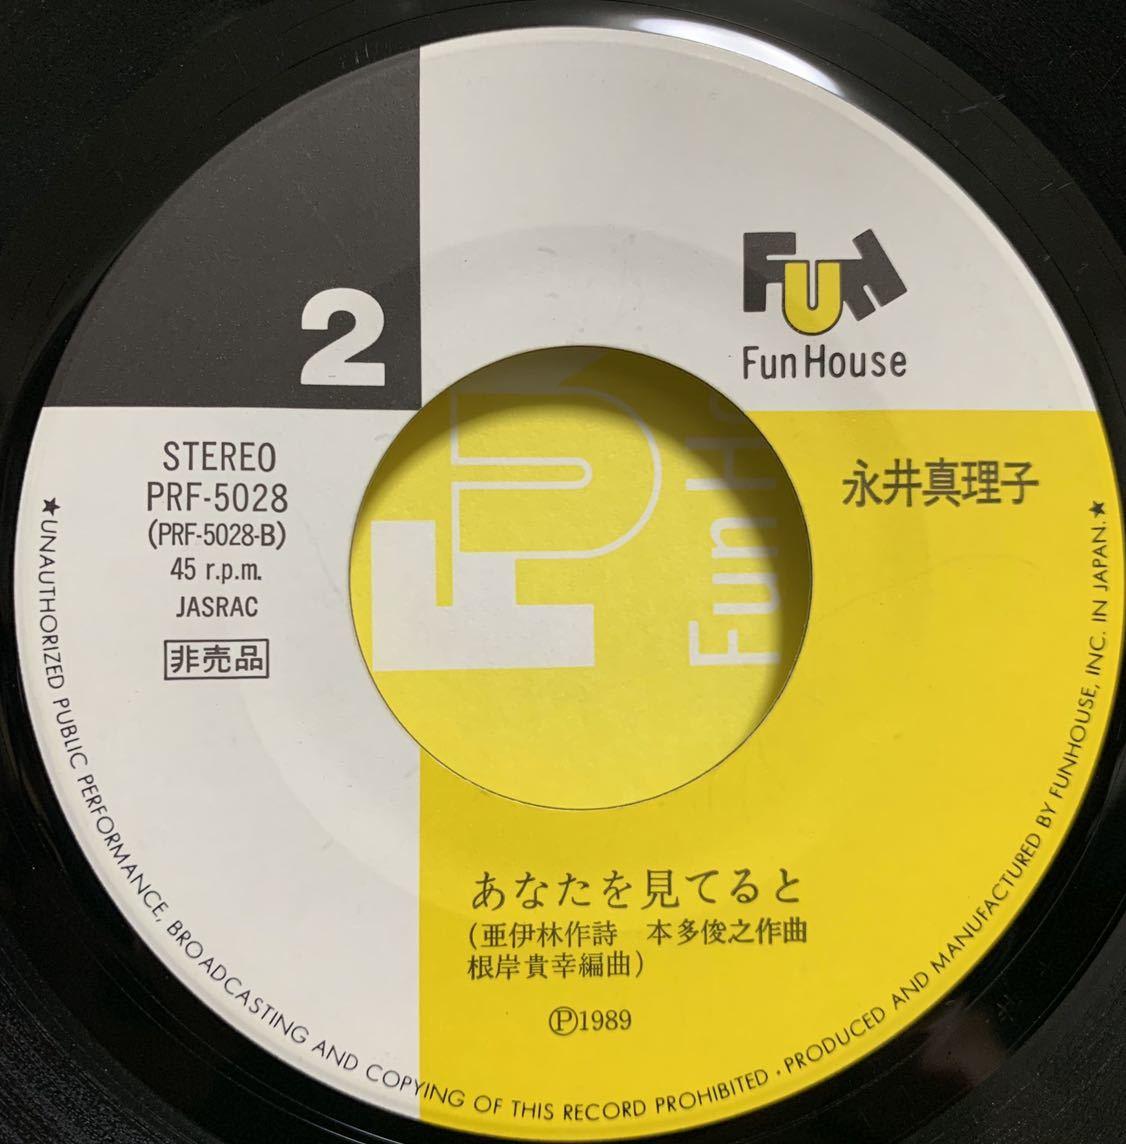 【EP】【7インチレコード】激レア 89年 貴重 非売品 プロモオンリー 永井真理子 / Time / あなたを見てると CD移行期_画像4